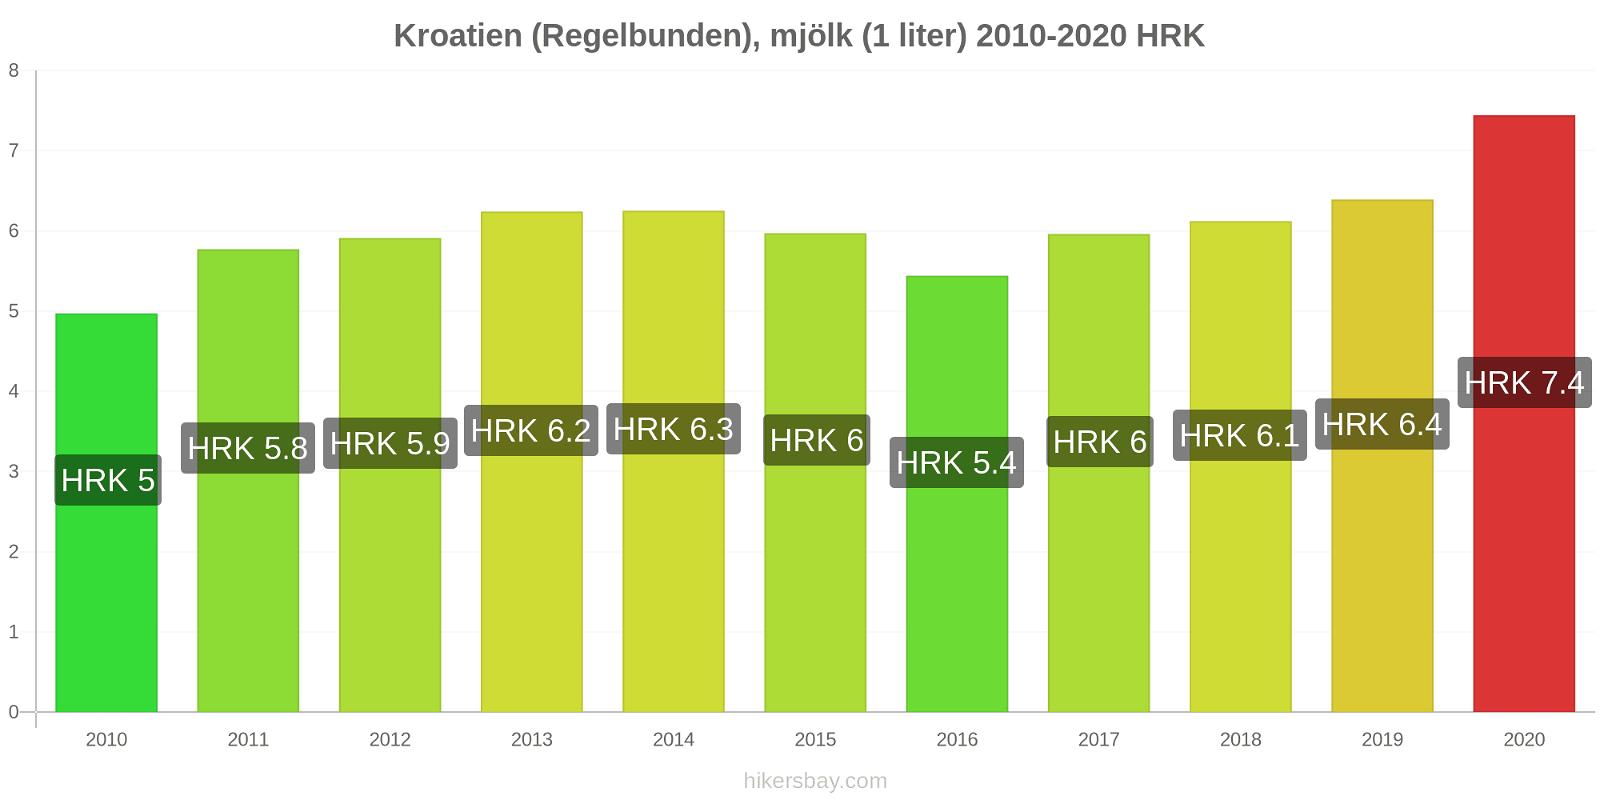 Kroatien prisförändringar (Regelbunden), mjölk (1 liter) hikersbay.com